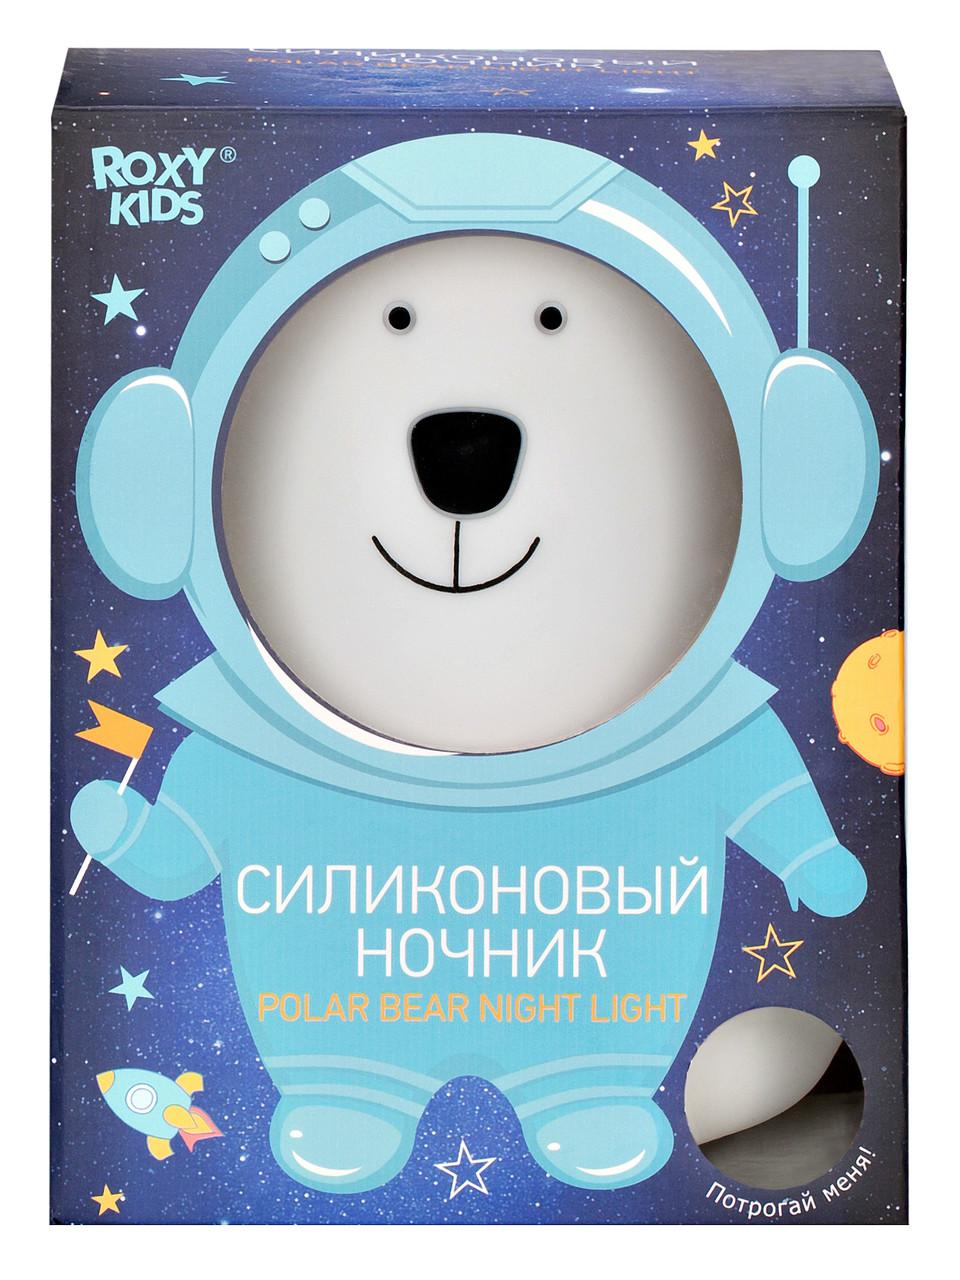 Силиконовый ночник Polar Bear - фото 2